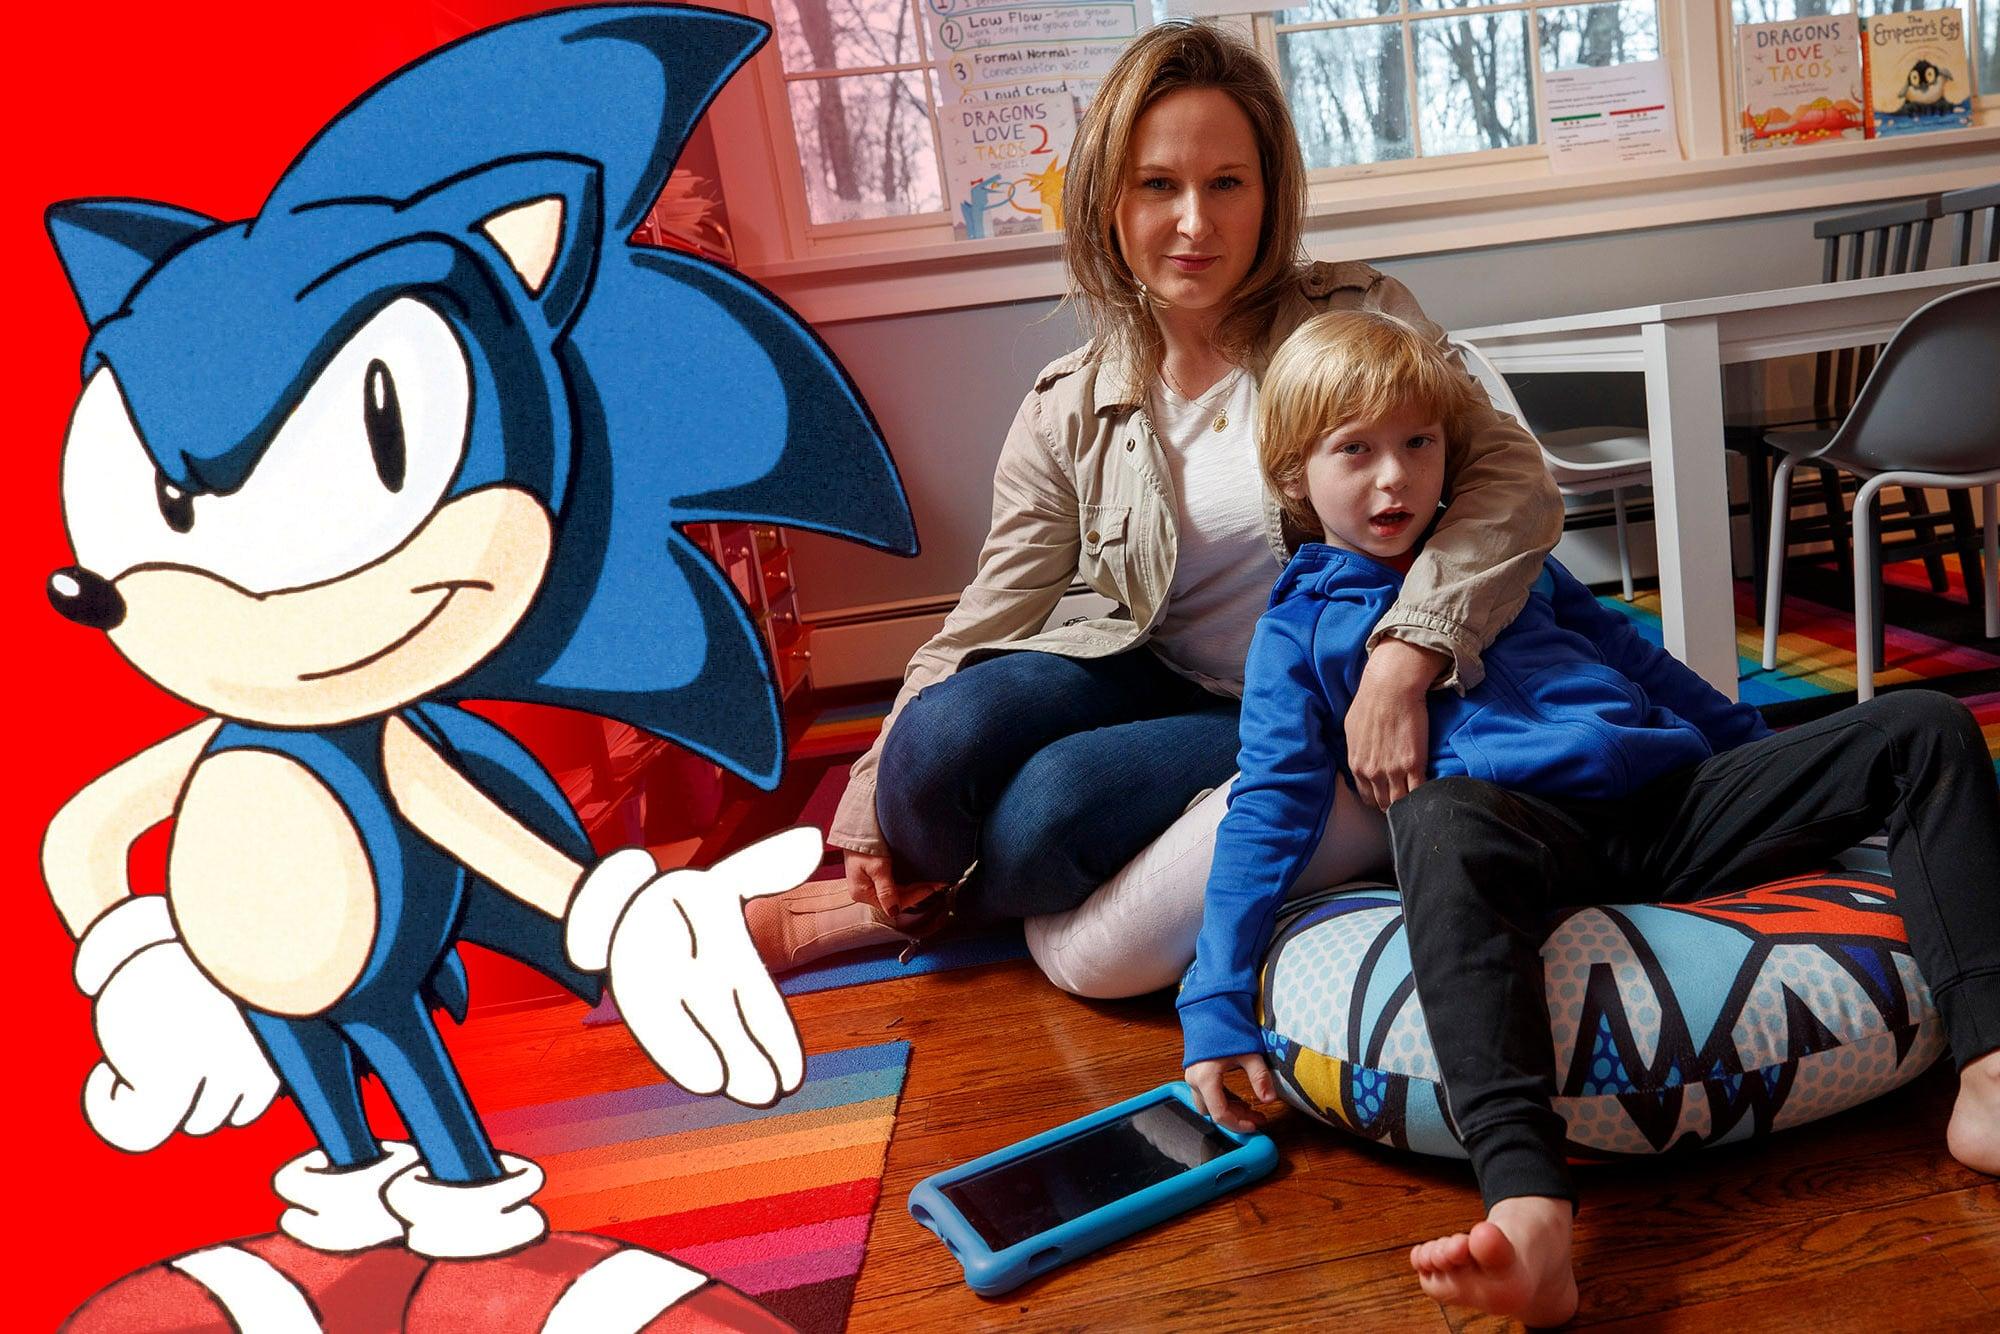 Jessica e George Johnson, que gastou US$16 mil em jogo no iPad